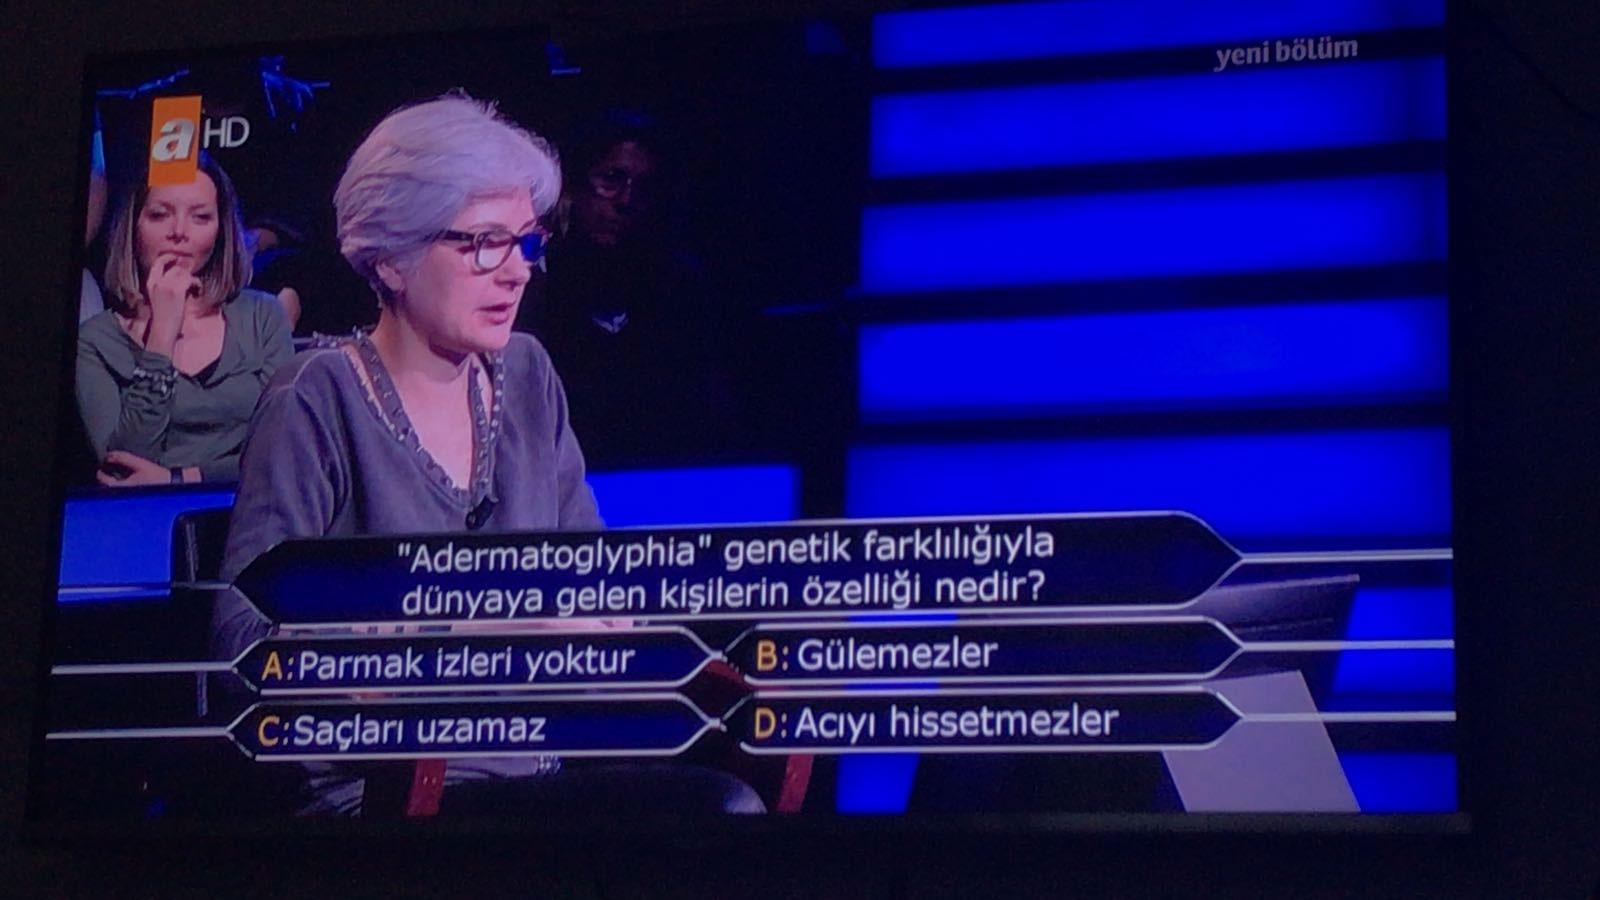 Adermatoglyphia (Adermatoglifiya) nedir? Kim Milyoner olmak ister sorusunun cevabı